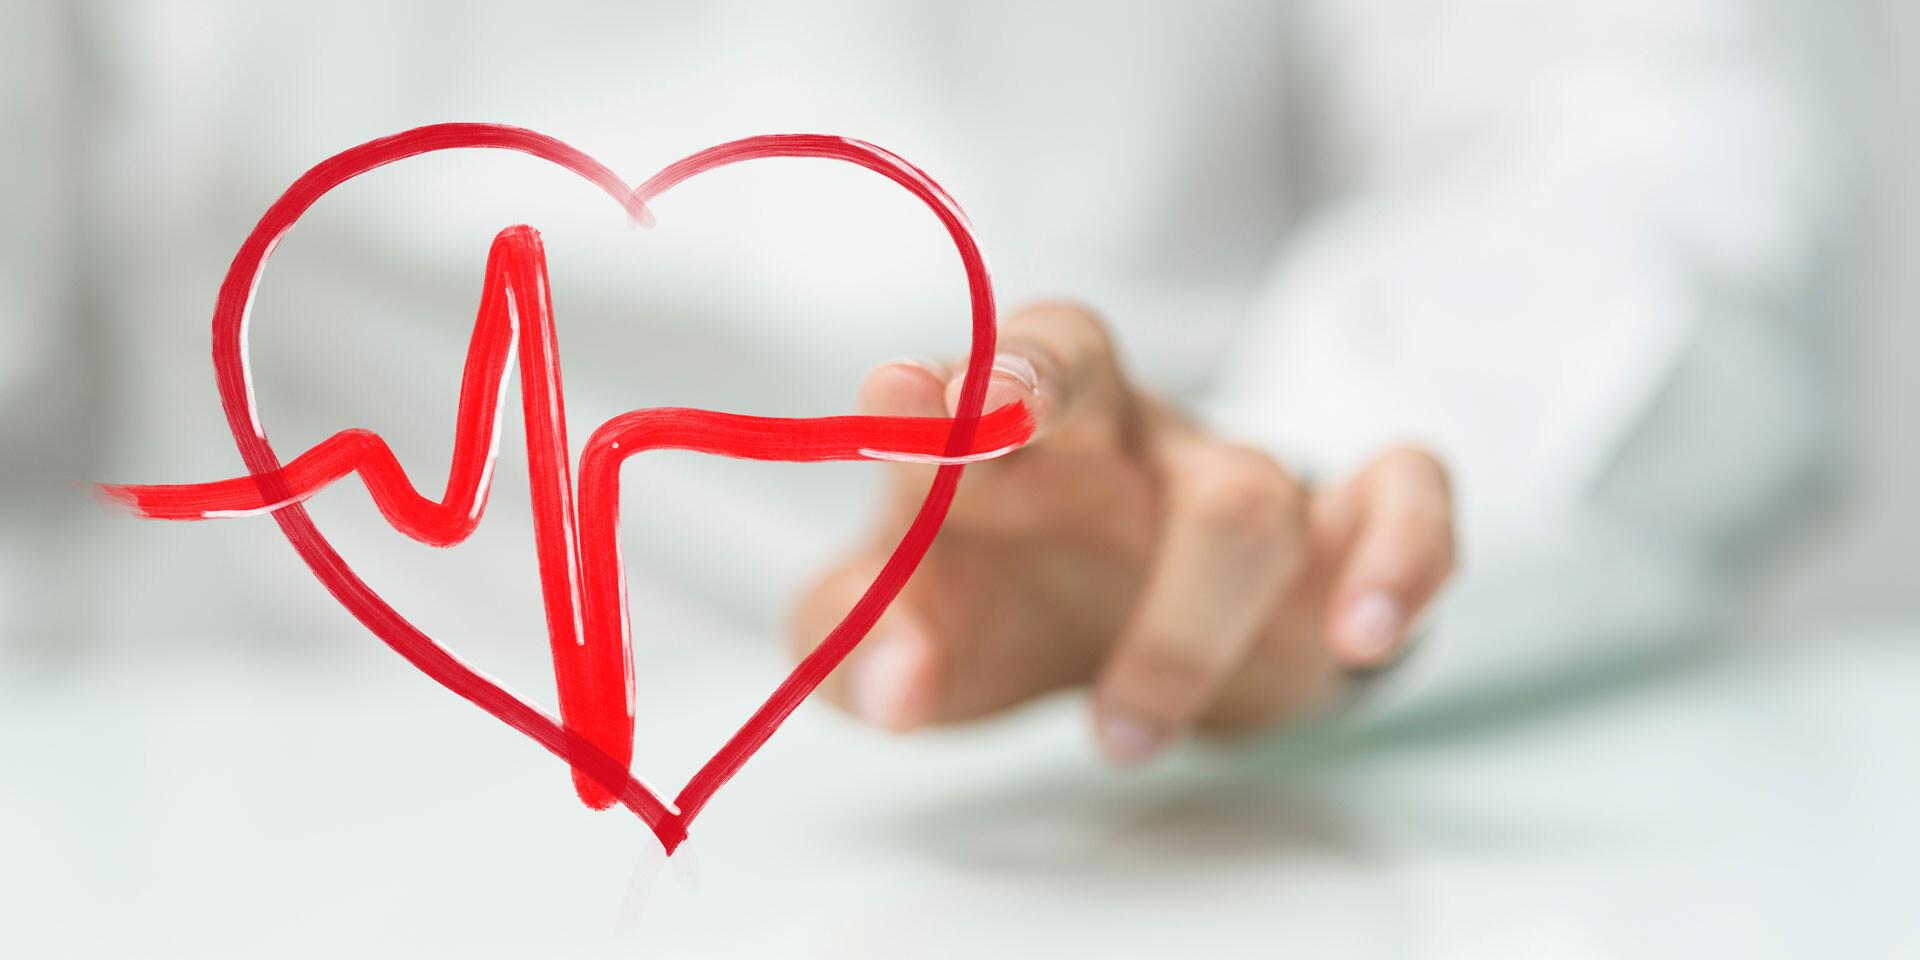 Vyšetrenie srdca prostredníctvom ultrasonografie